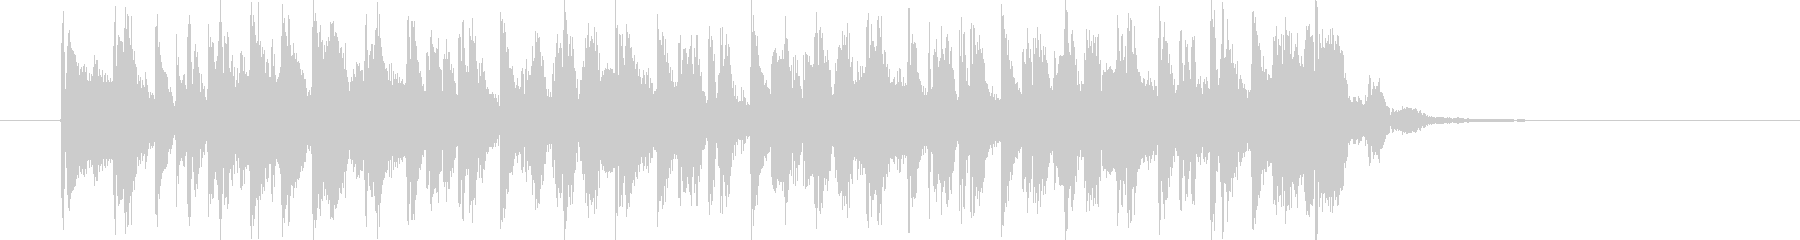 ノリの良いヒップホップナンバーの未再生の波形